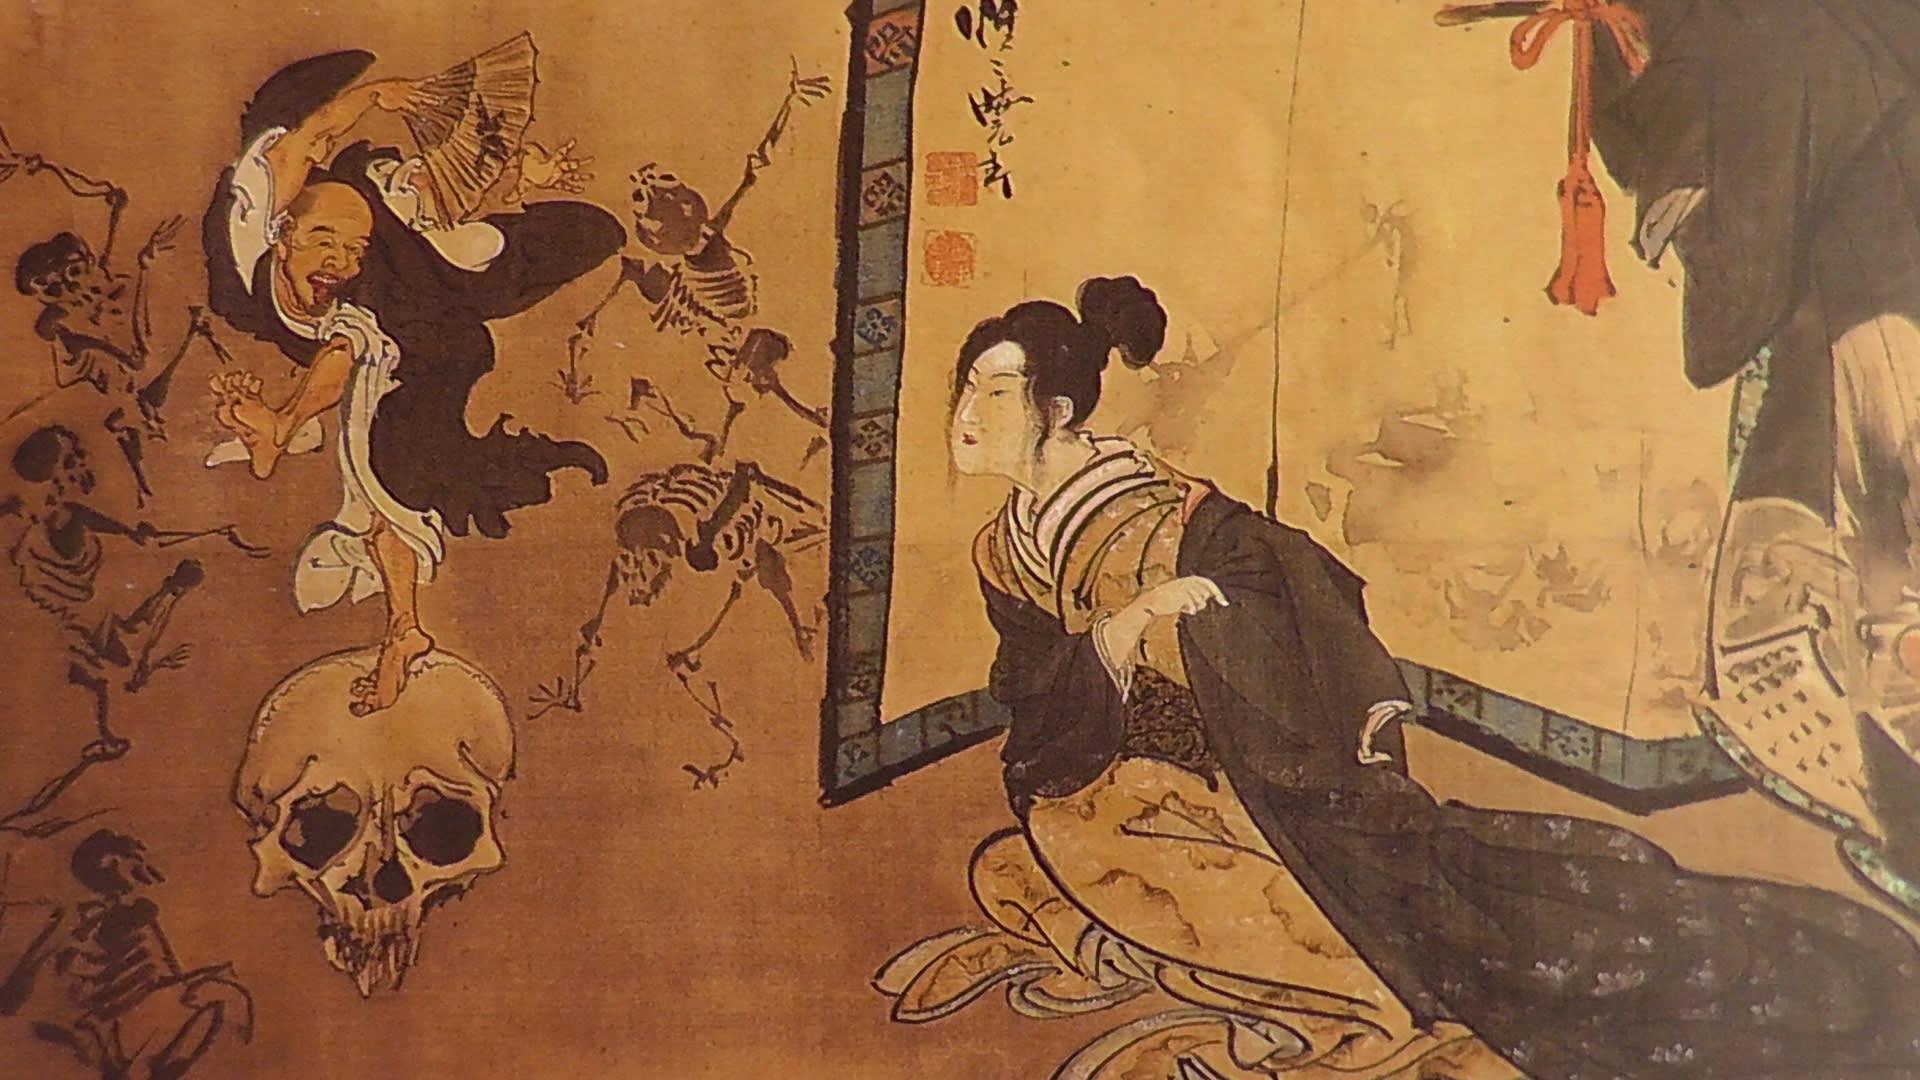 「地獄太夫図と一休」1871以降 「達磨の耳かき図」1871以降 「閻... 『 コンドルが見た